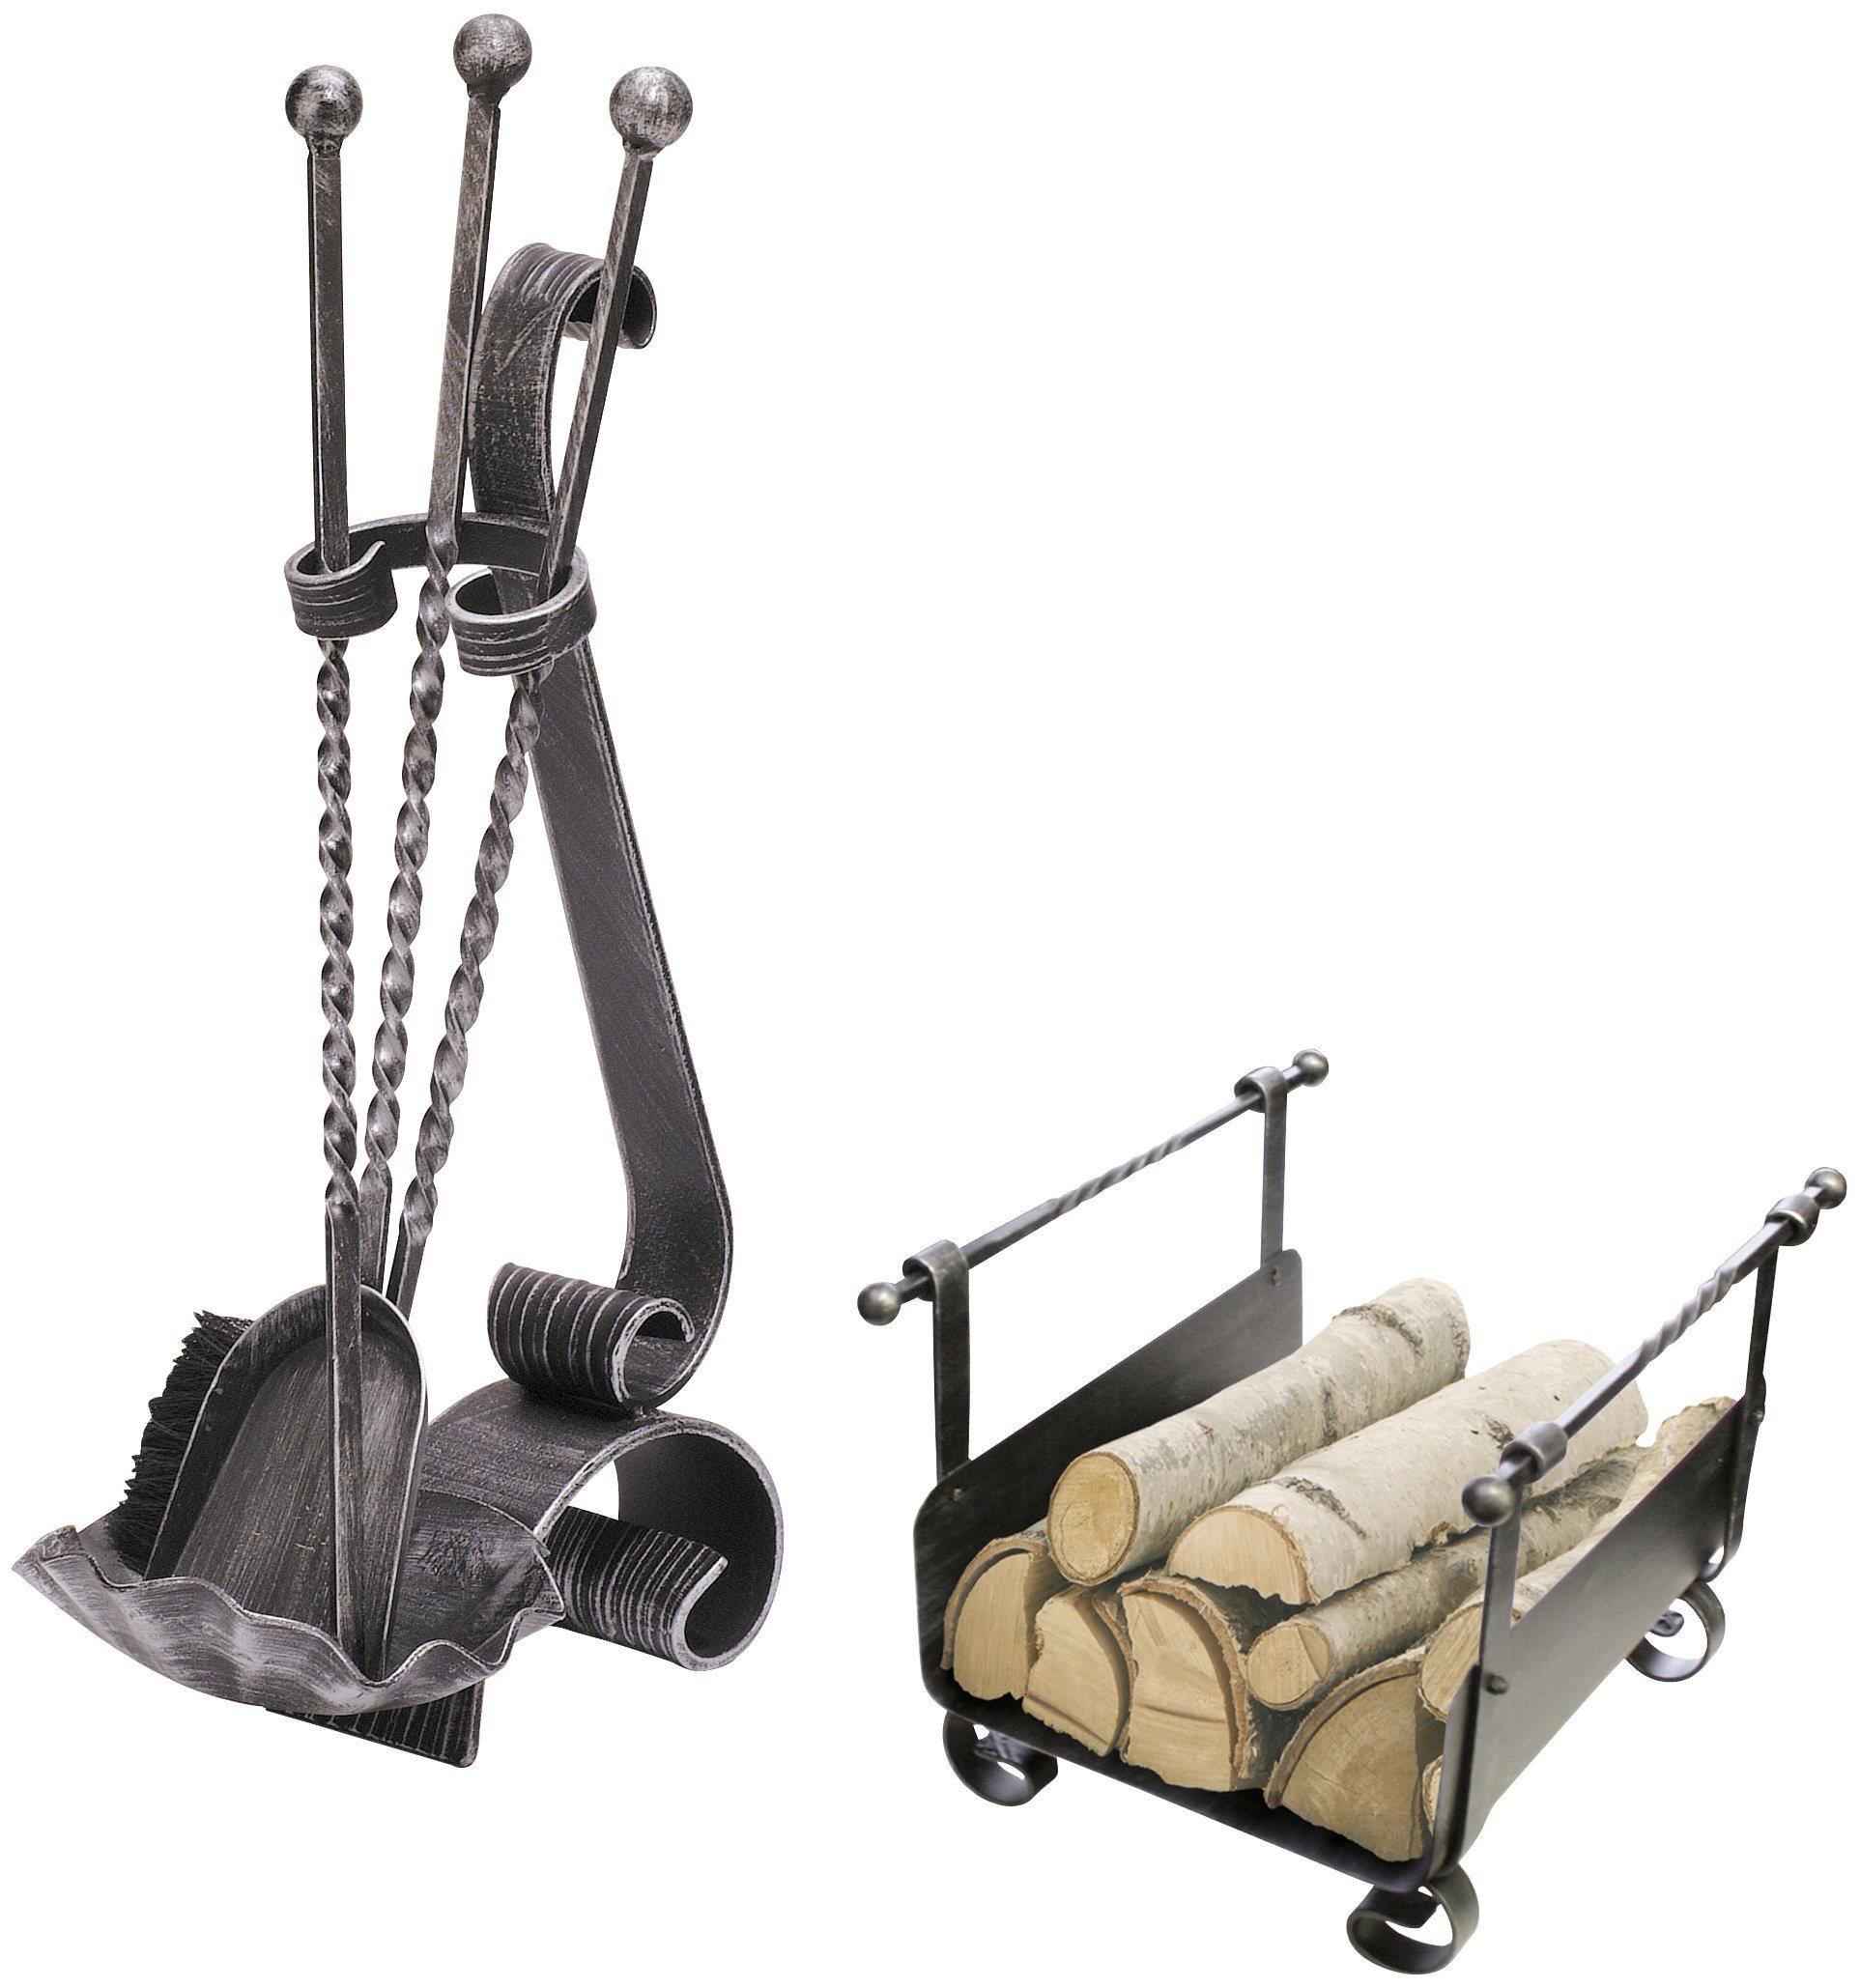 Kaminbesteck Holzkorb Preisvergleich • Die besten Angebote online kaufen